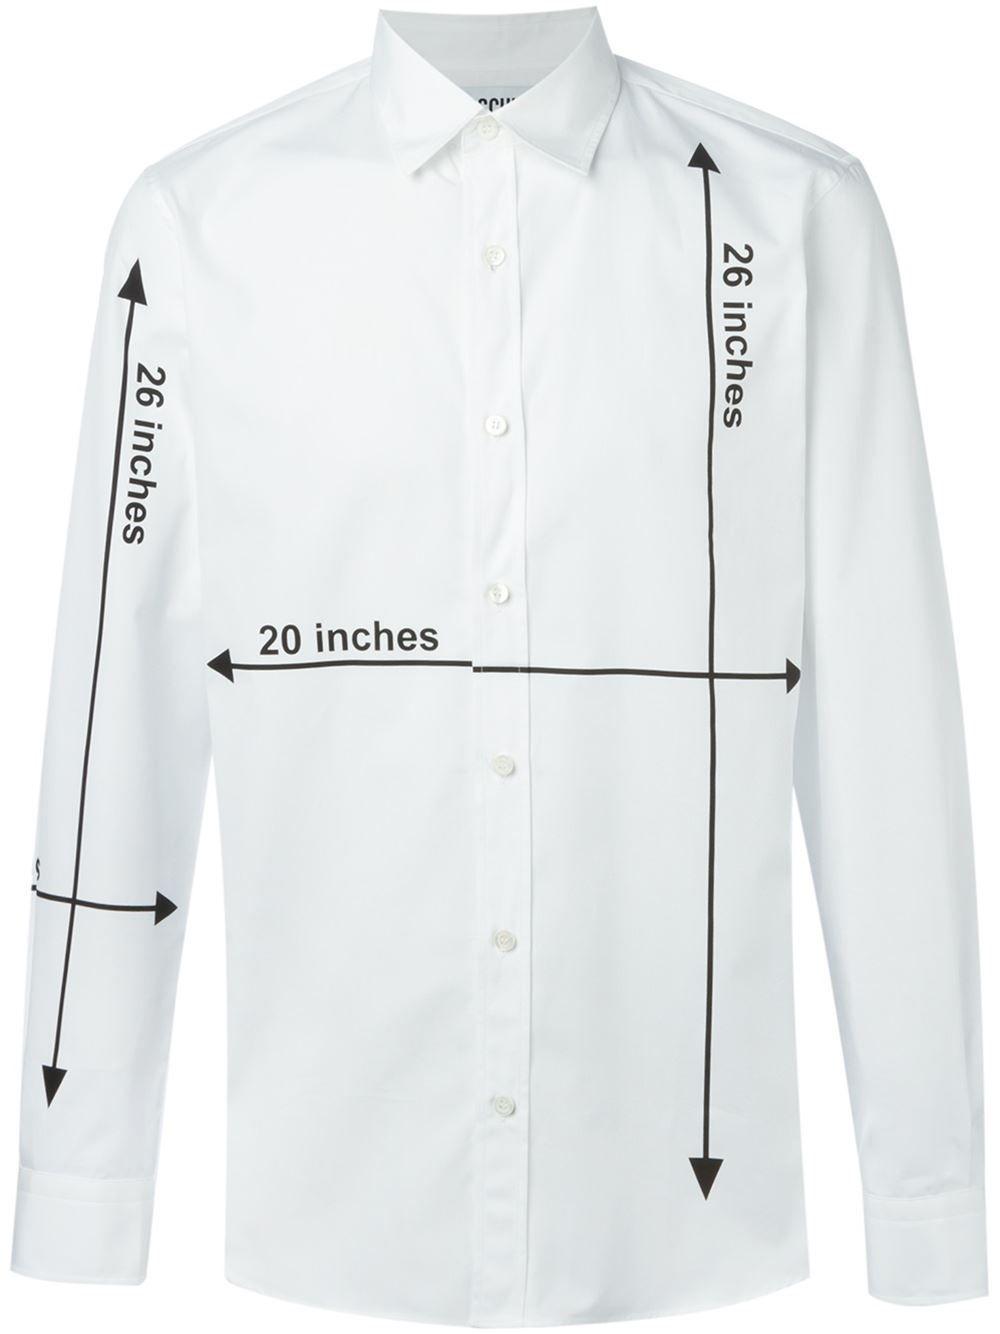 a5339a63dc9 Moschino Measurements Print Shirt - Stefania Mode - Farfetch.com ...